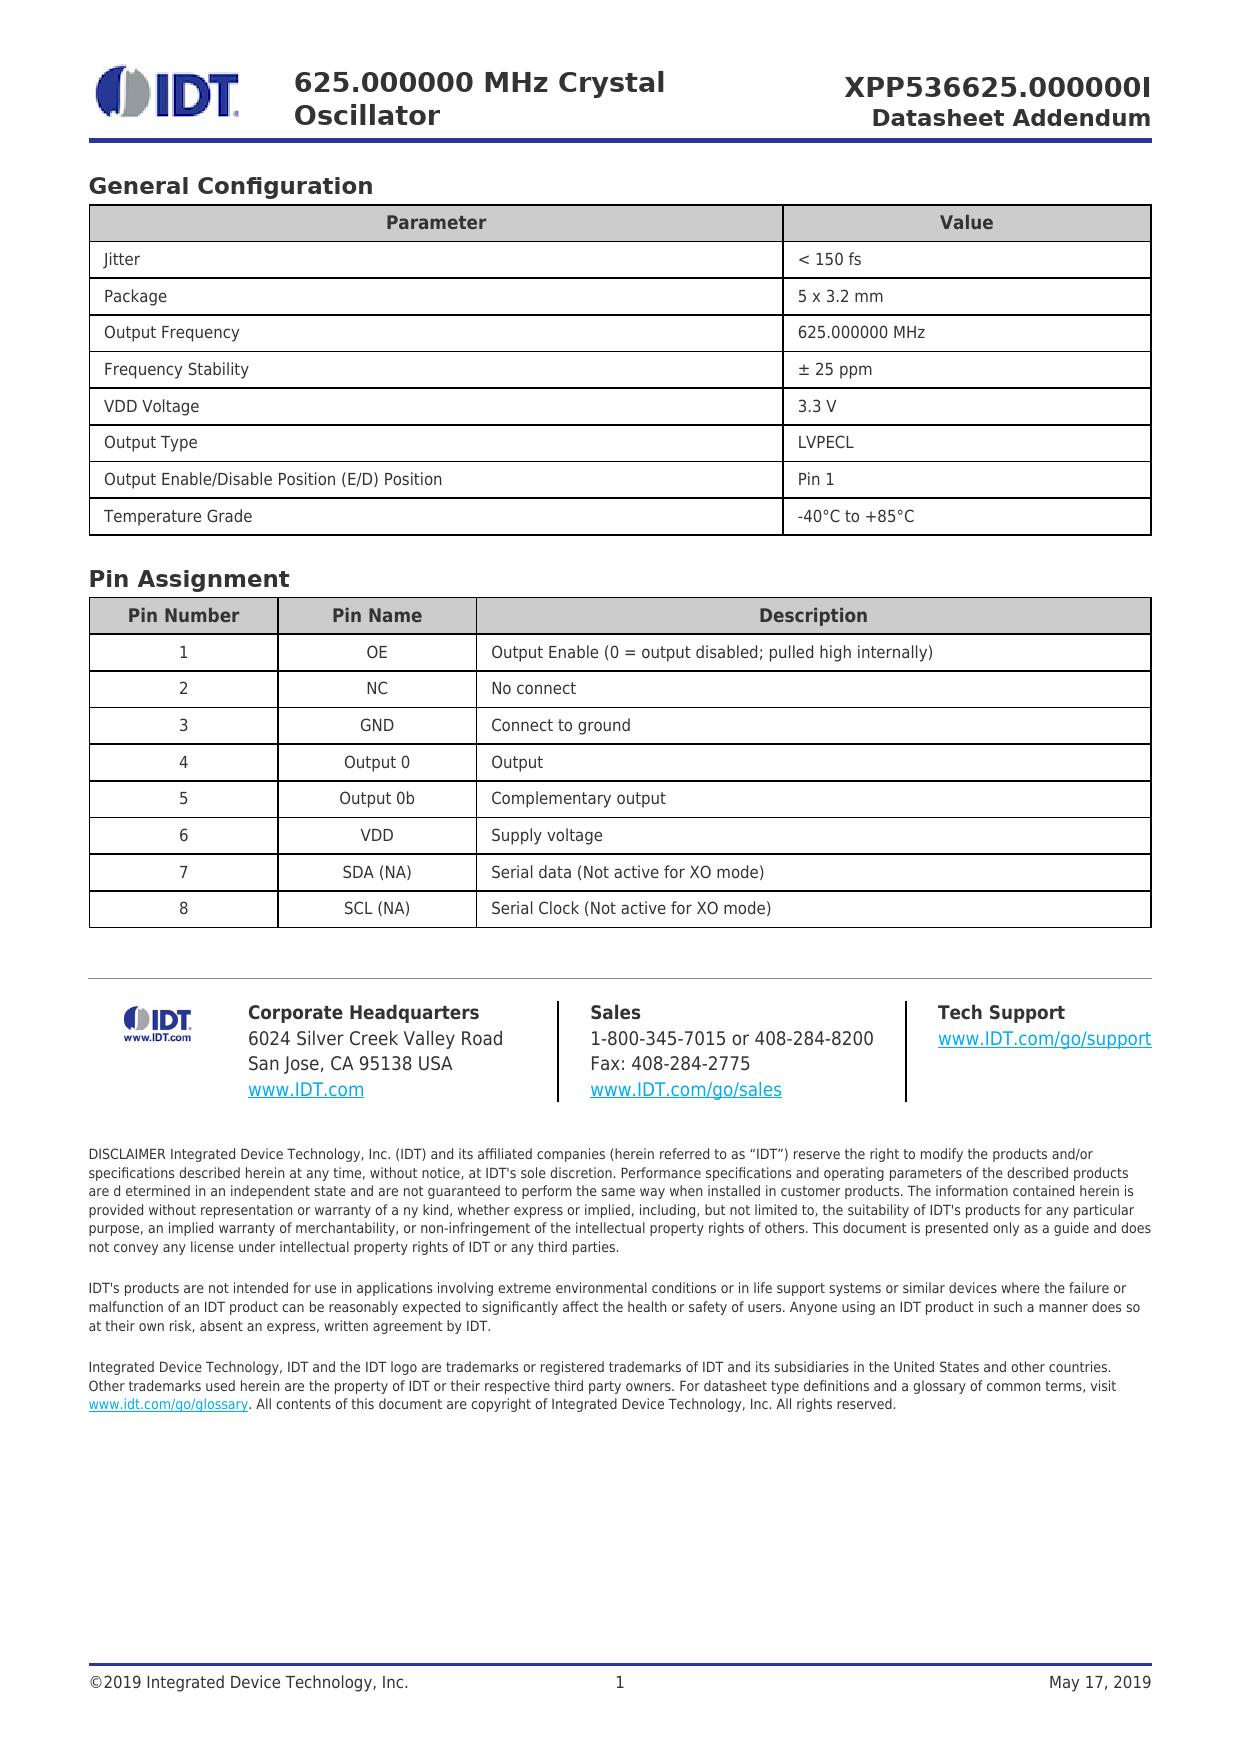 Datasheet Addendum XPP536625.000000I IDT